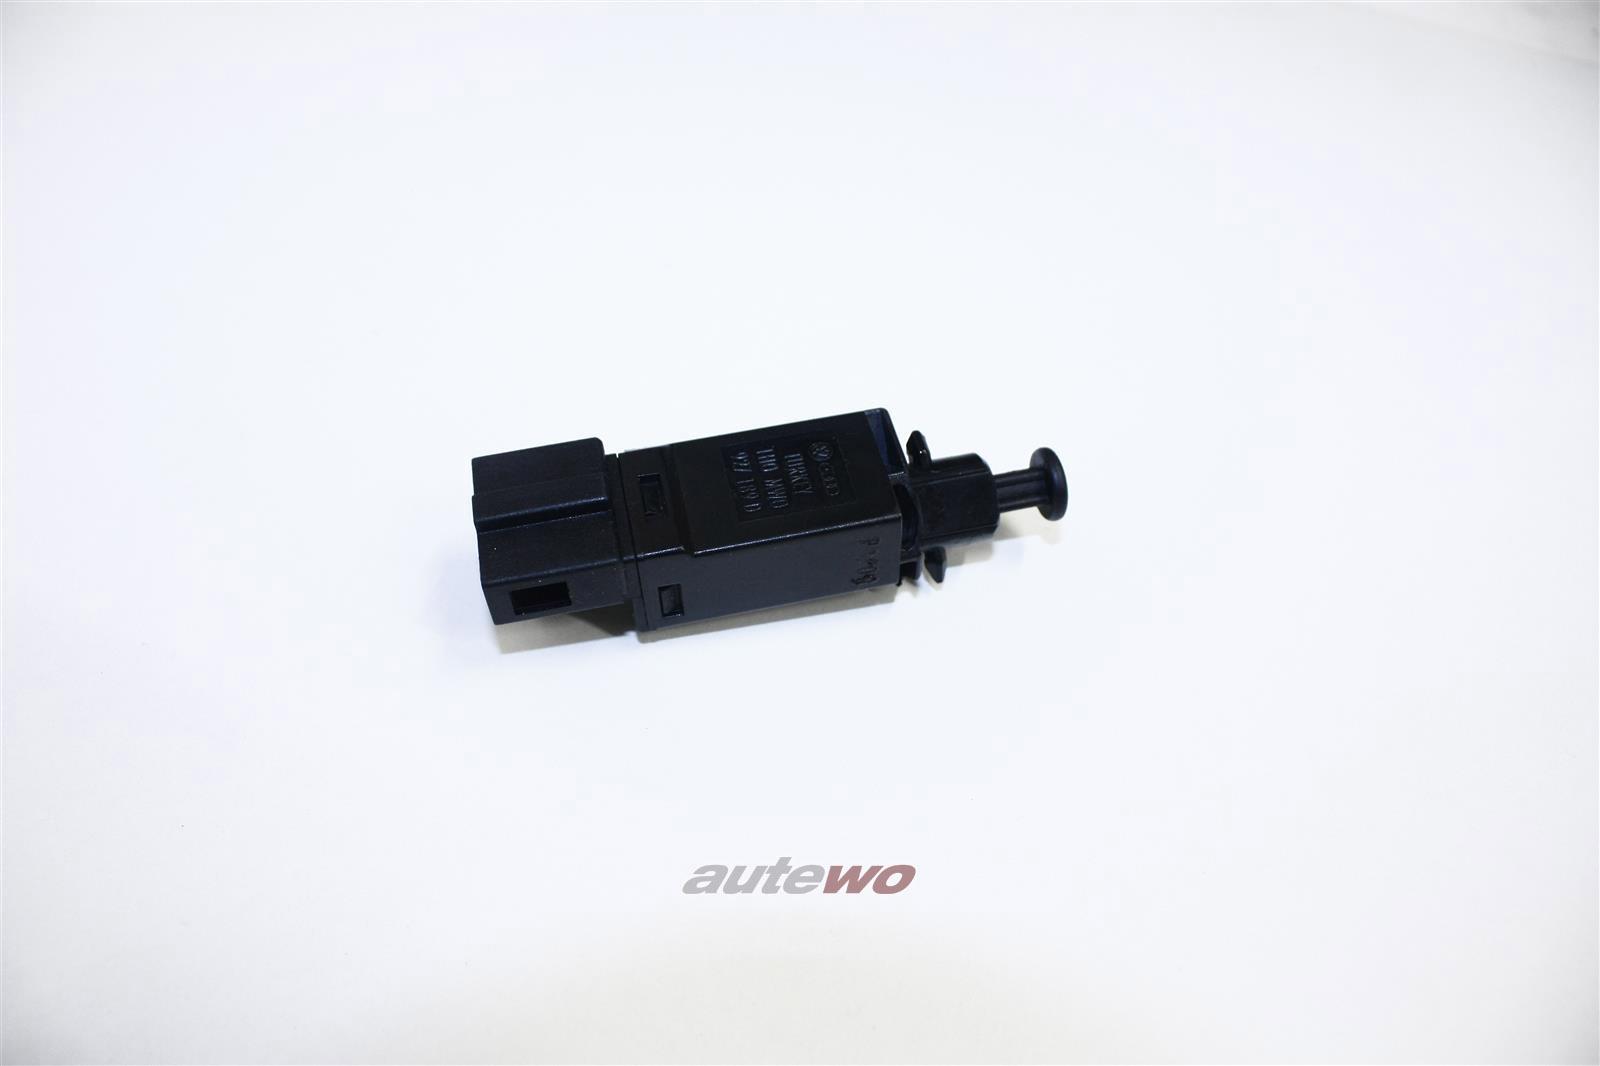 NEU! Audi/VW A2/A3/TT/Golf Bremslichtschalter Schaltgetriebe 1H0927189D